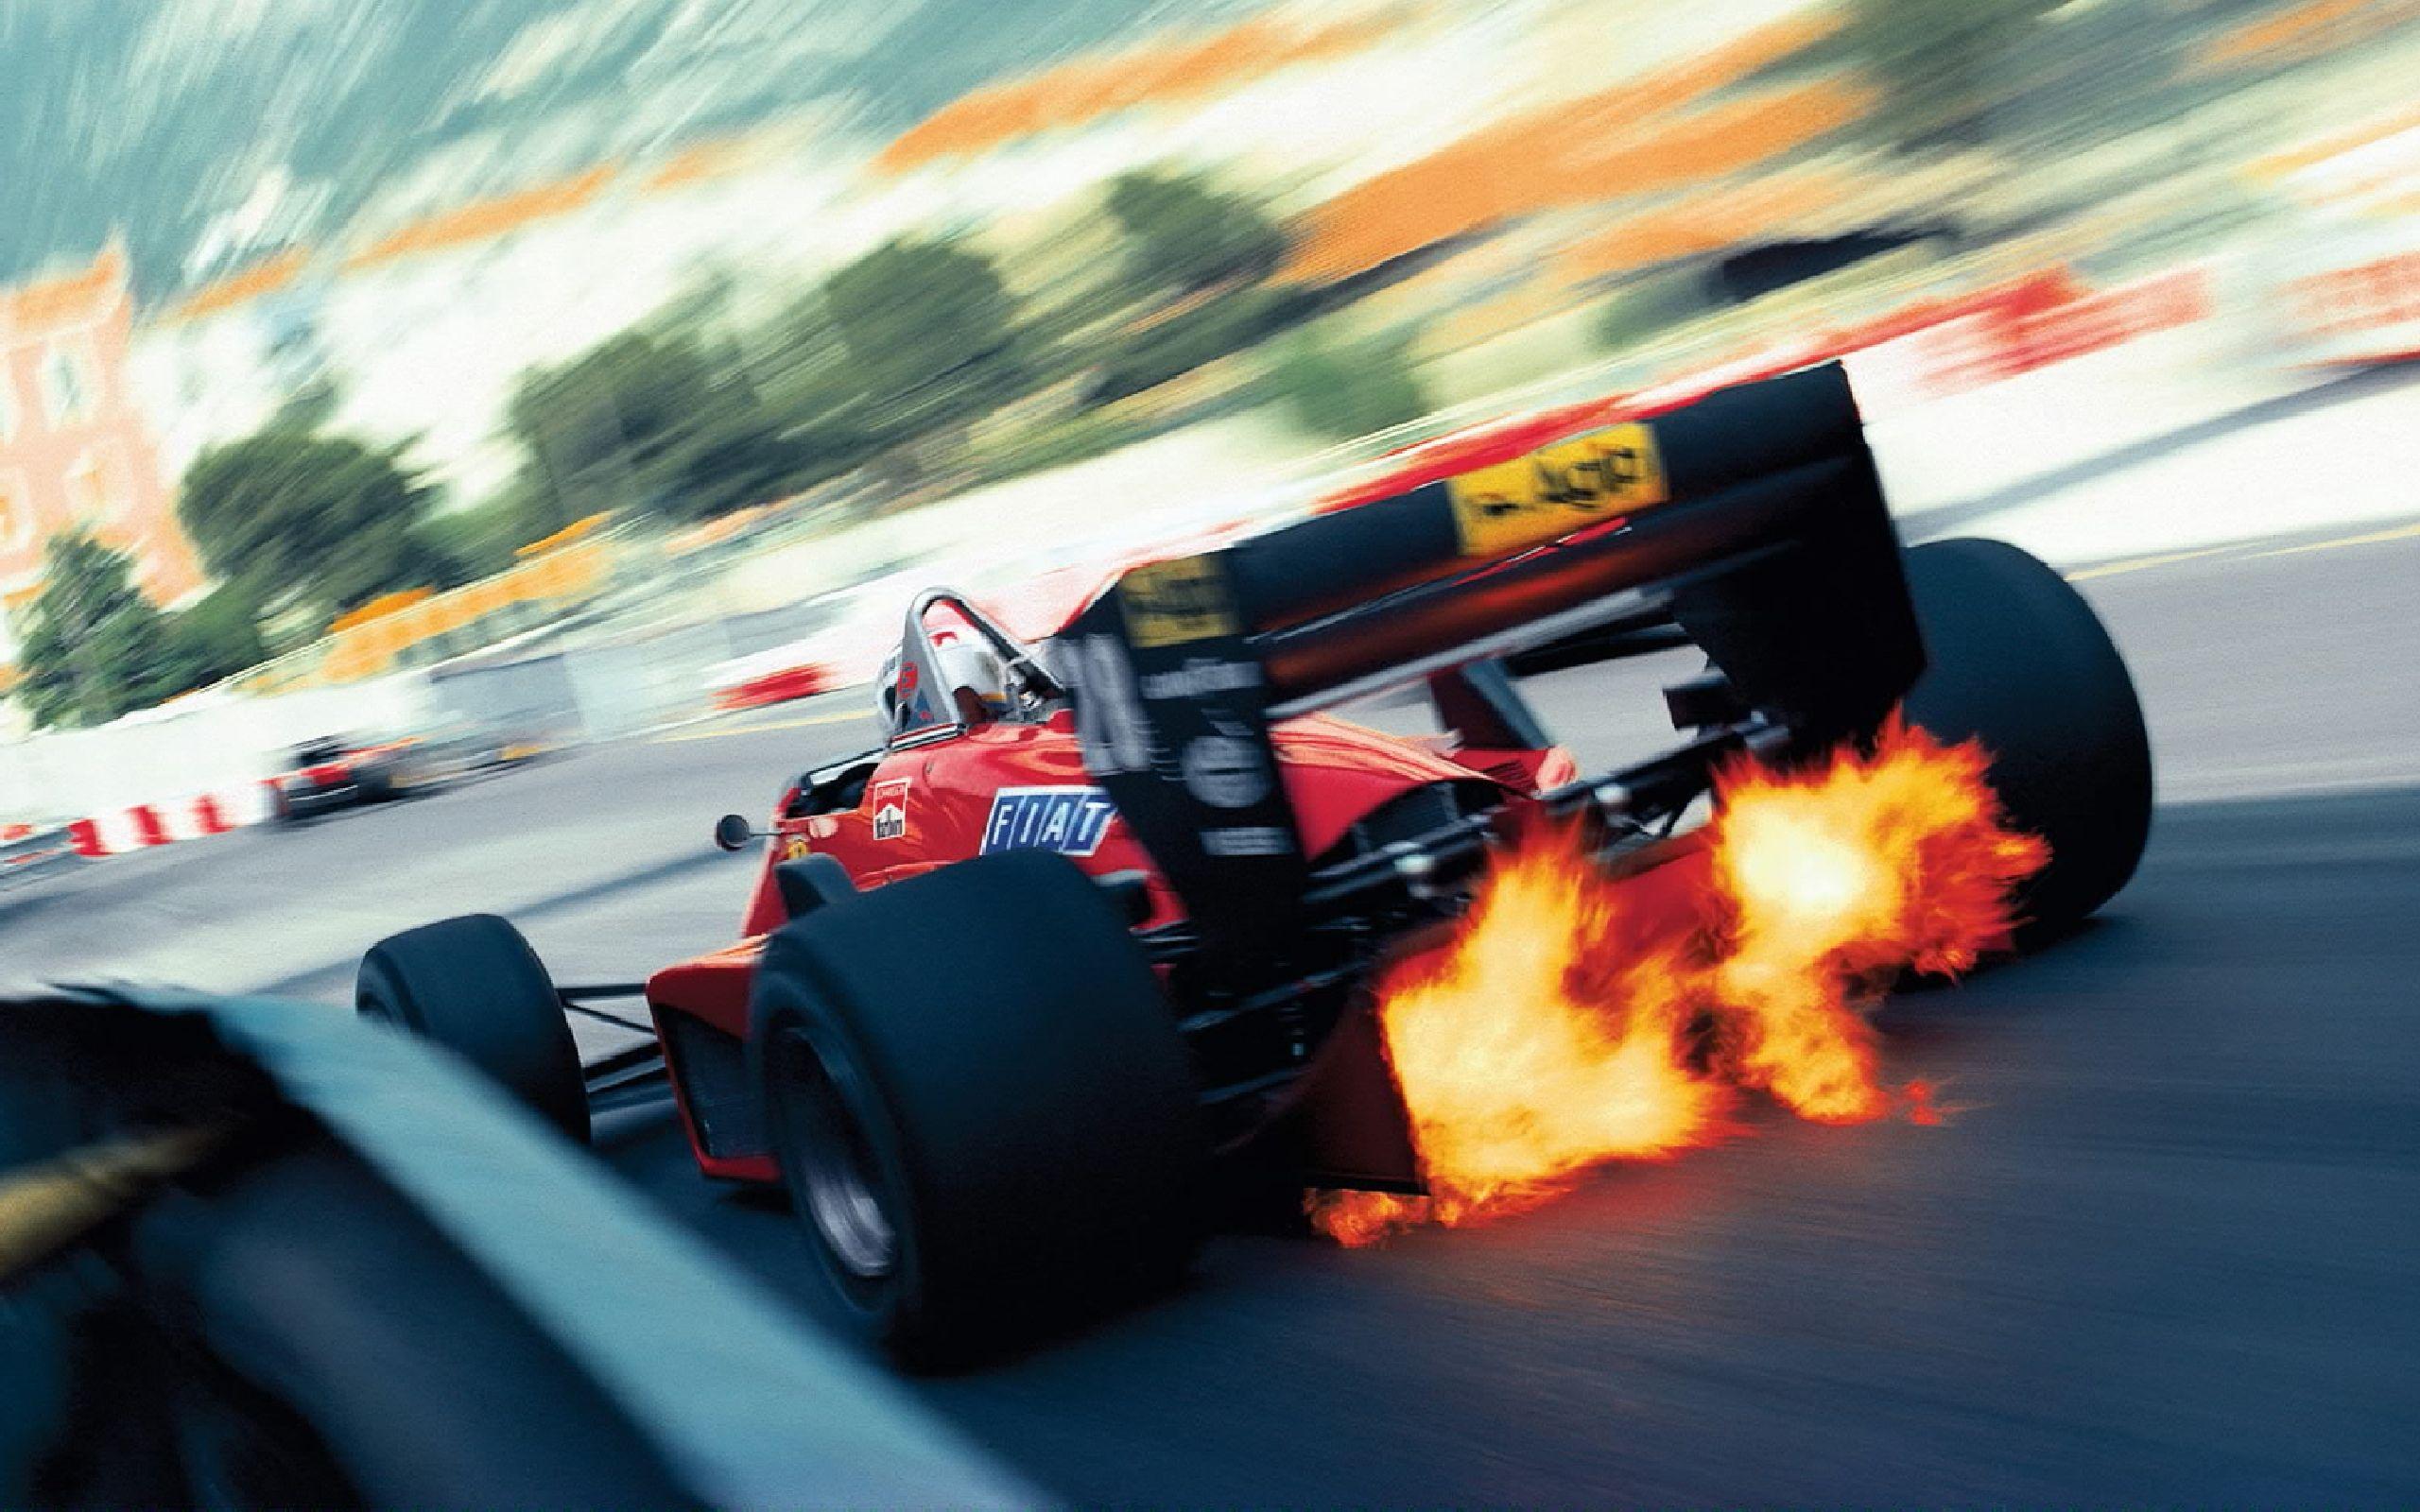 Formula 1 Wallpaper Ipad Wallpaper Formula 1 Car Racing Ferrari F1